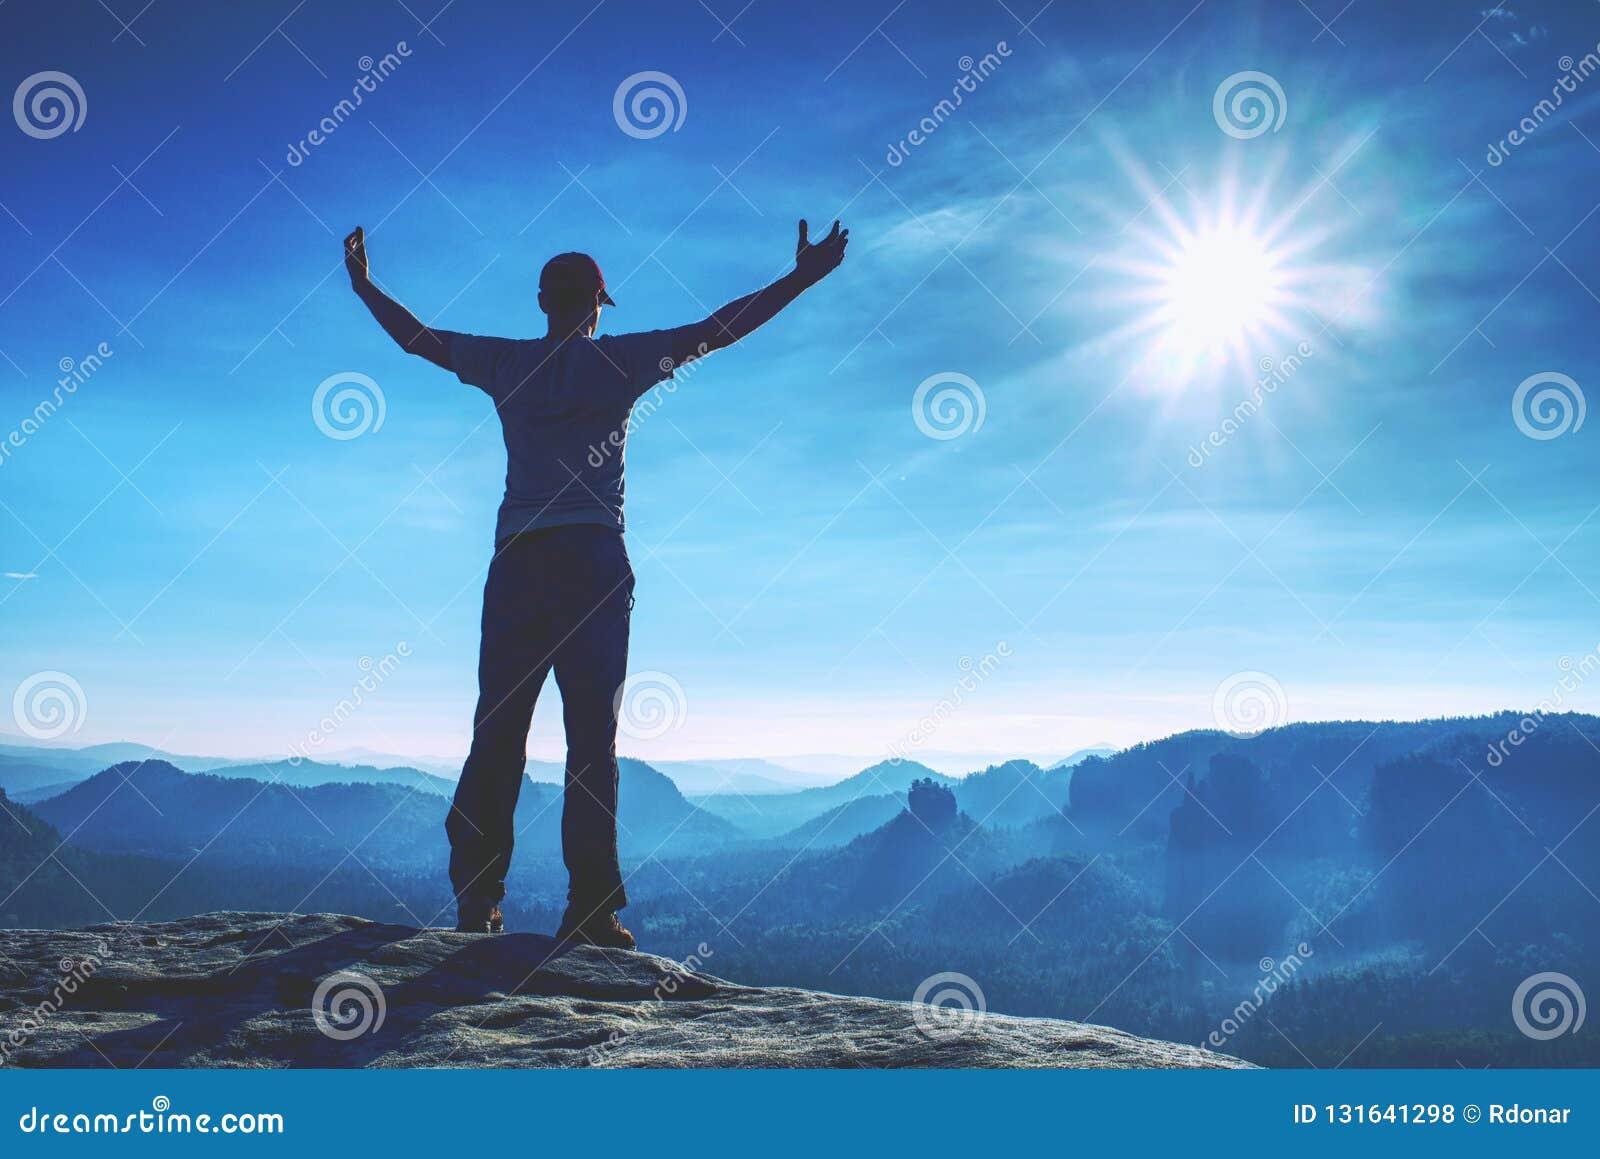 Den stiliga idrotts- mannen, en turist, stag på toppmöte vaggar Löst landskap för dimmigt berg